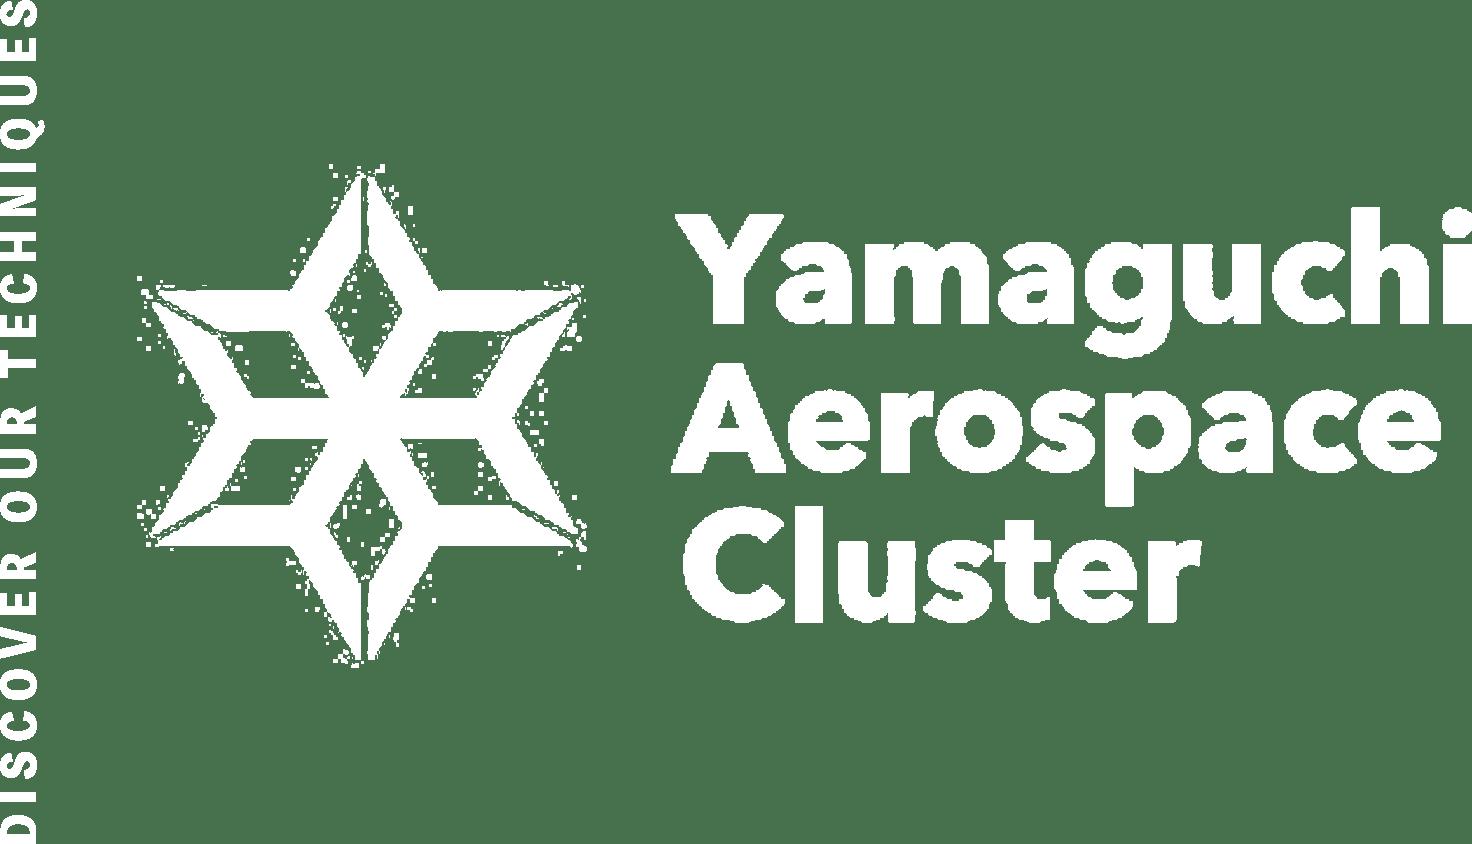 山口県航空宇宙クラスター Yamaguchi Aerospace Cluster